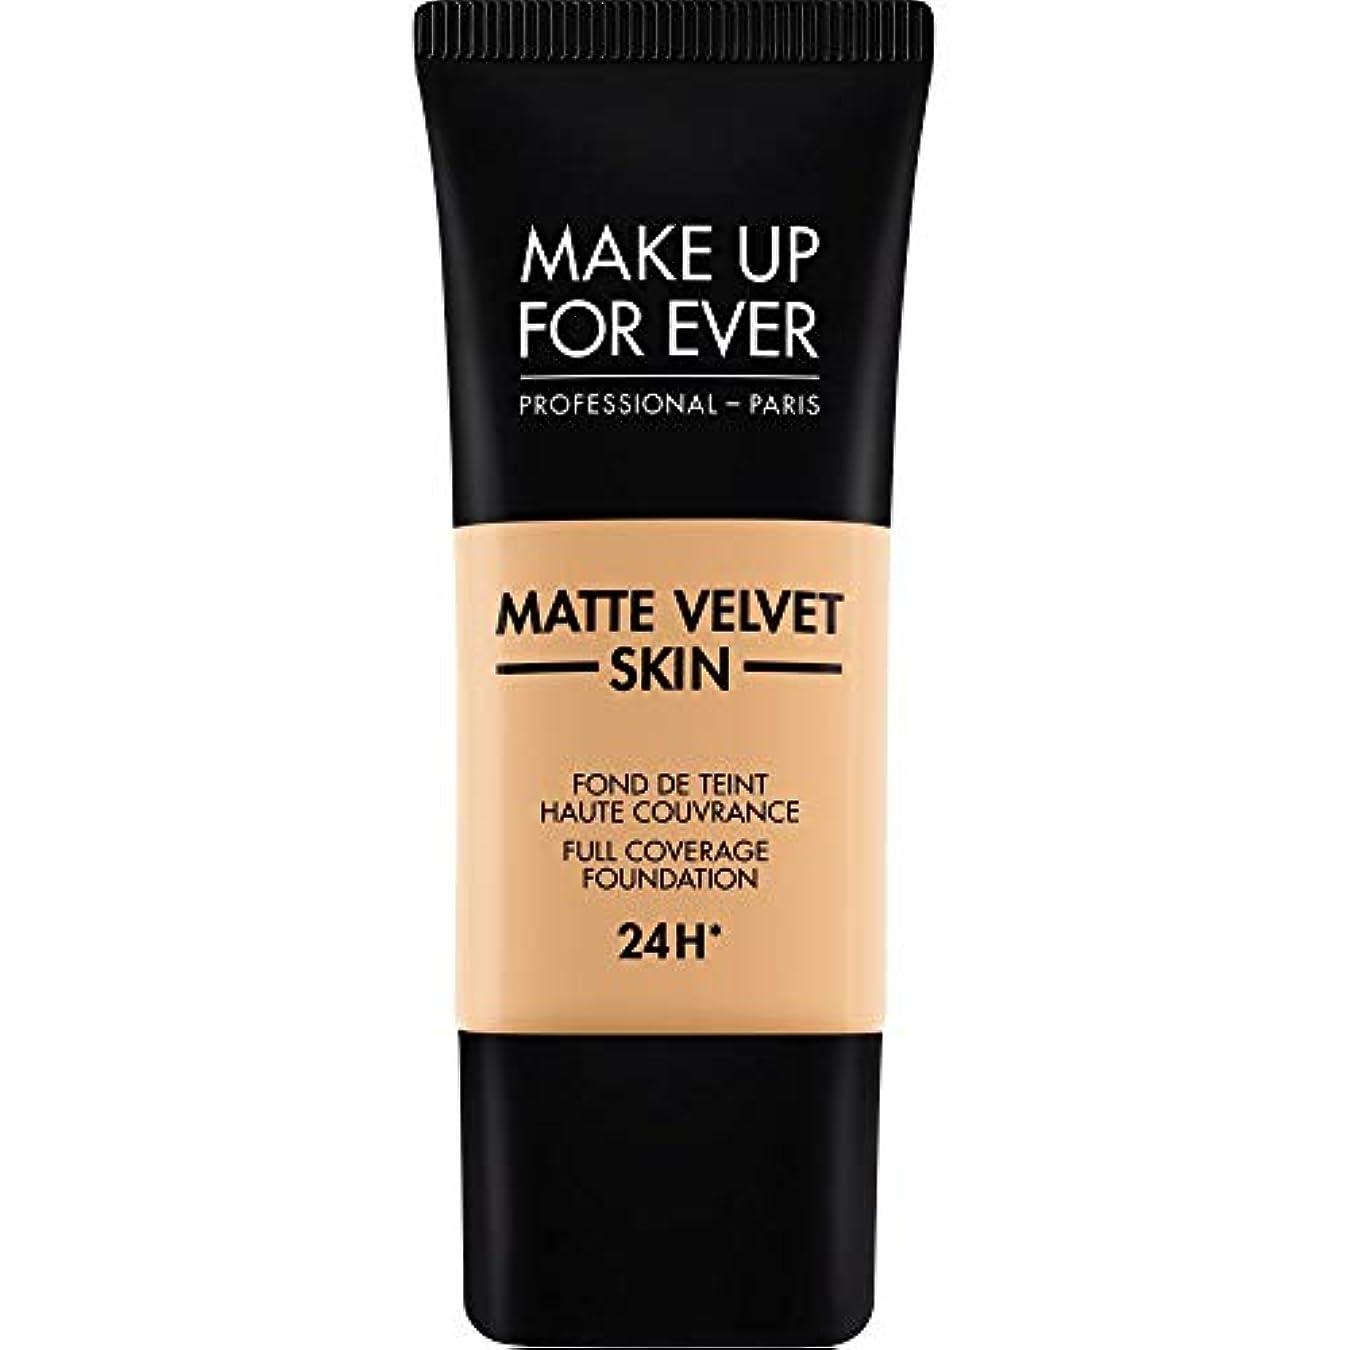 朝トリッキー彼女自身[MAKE UP FOR EVER] これまでマットベルベットの皮膚のフルカバレッジ基礎30ミリリットルのY315を補う - 砂 - MAKE UP FOR EVER Matte Velvet Skin Full Coverage...